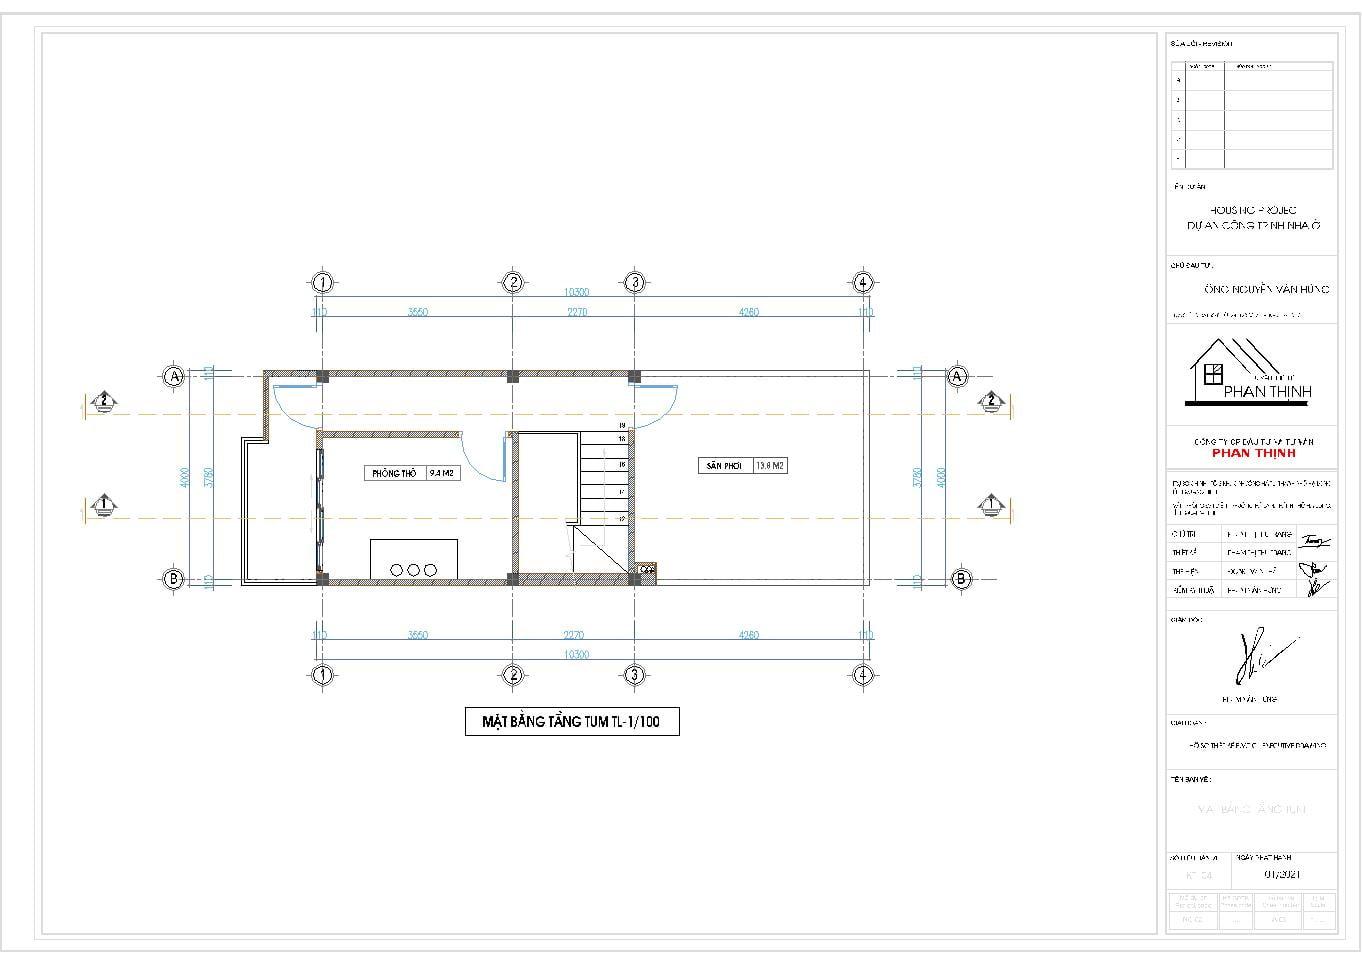 Hình ảnh mặt bằng tầng tum của ngôi nhà